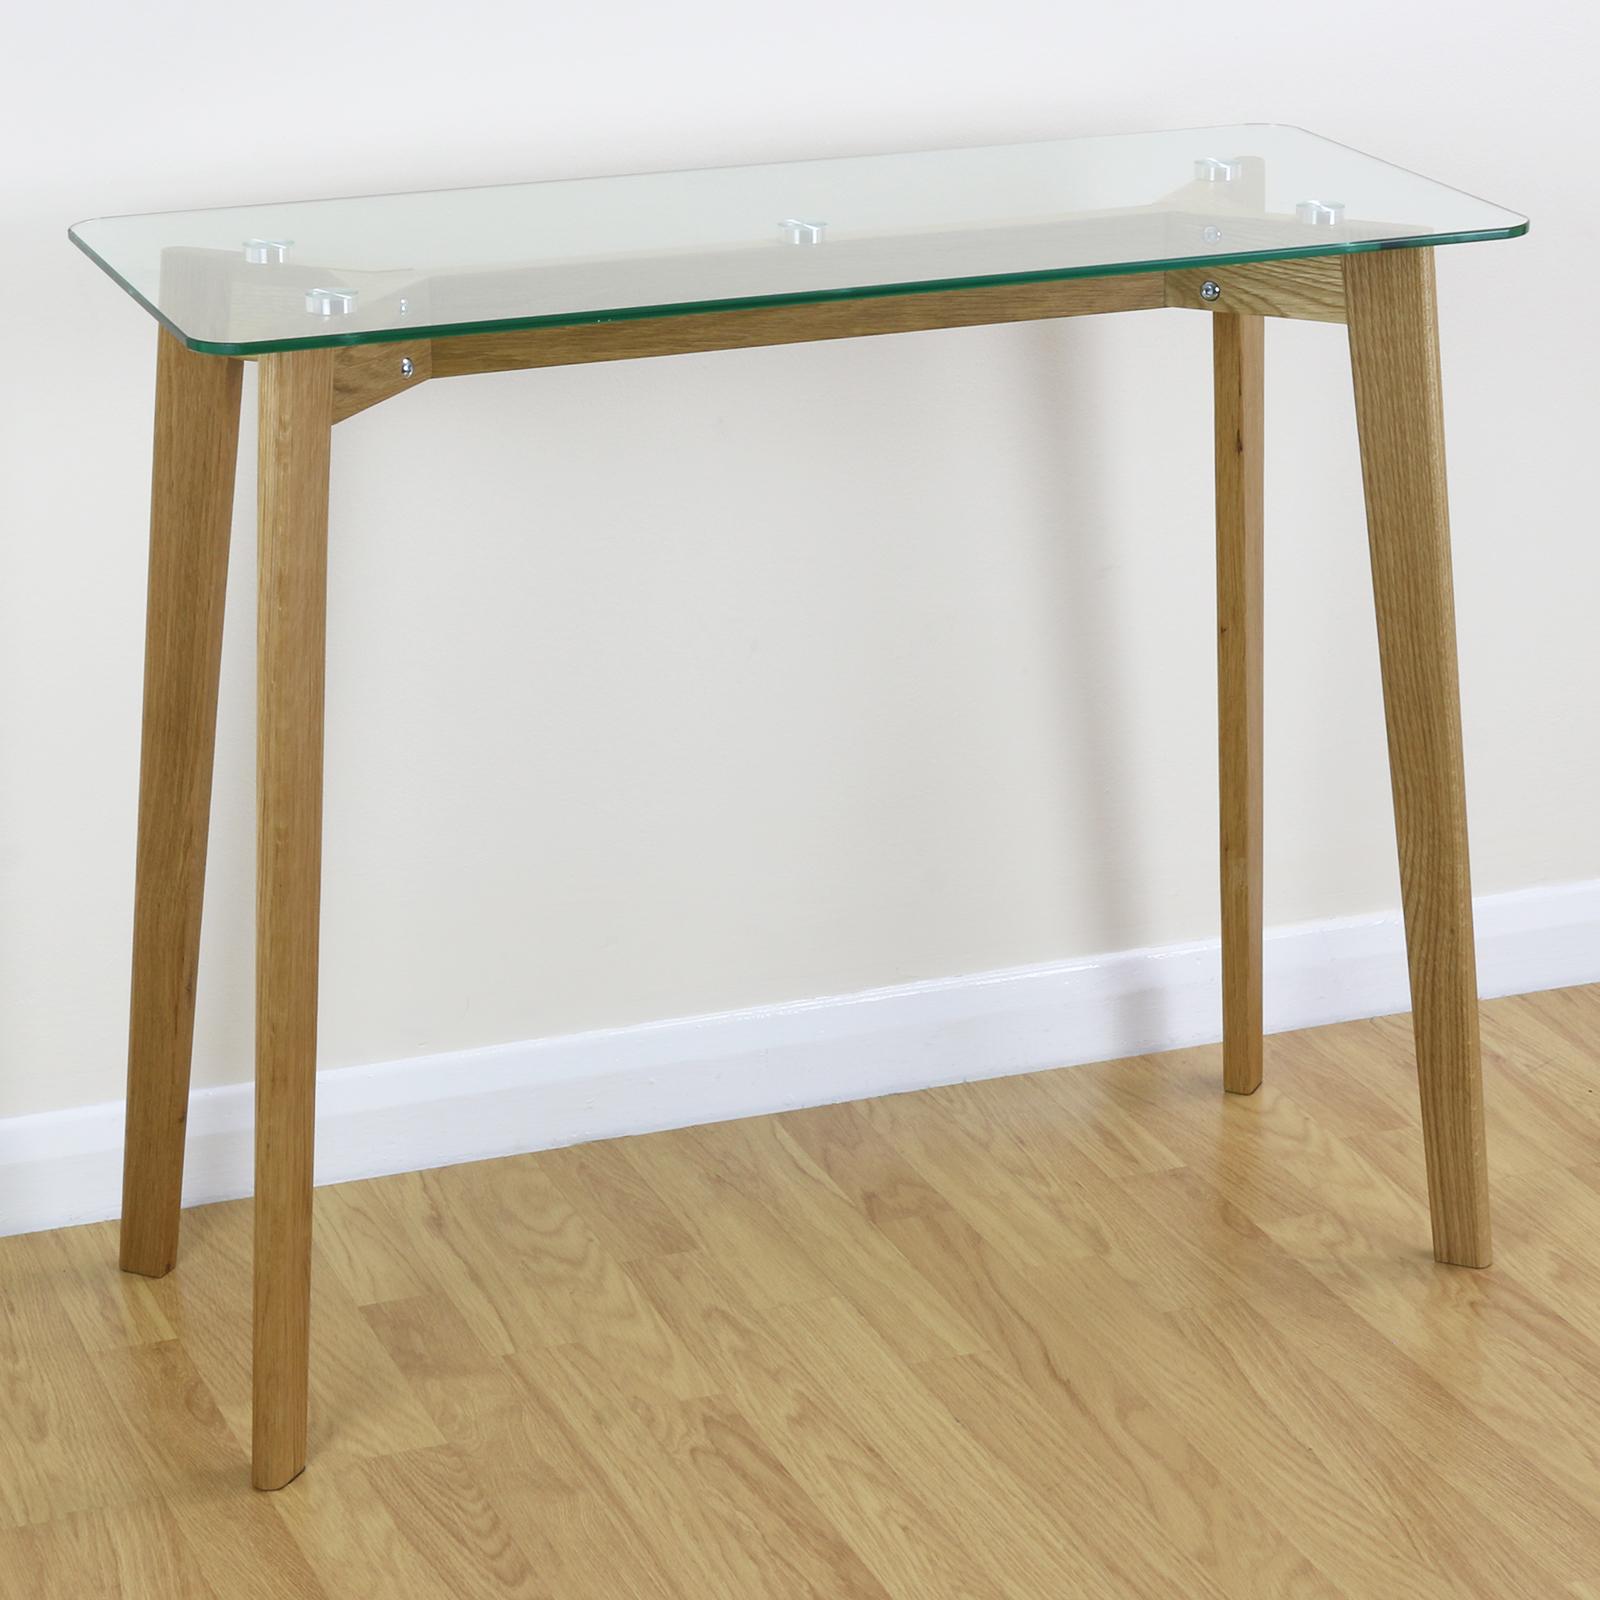 verre ch ne cadre console c t lampe de table t l phone couloir hall entr e ebay. Black Bedroom Furniture Sets. Home Design Ideas